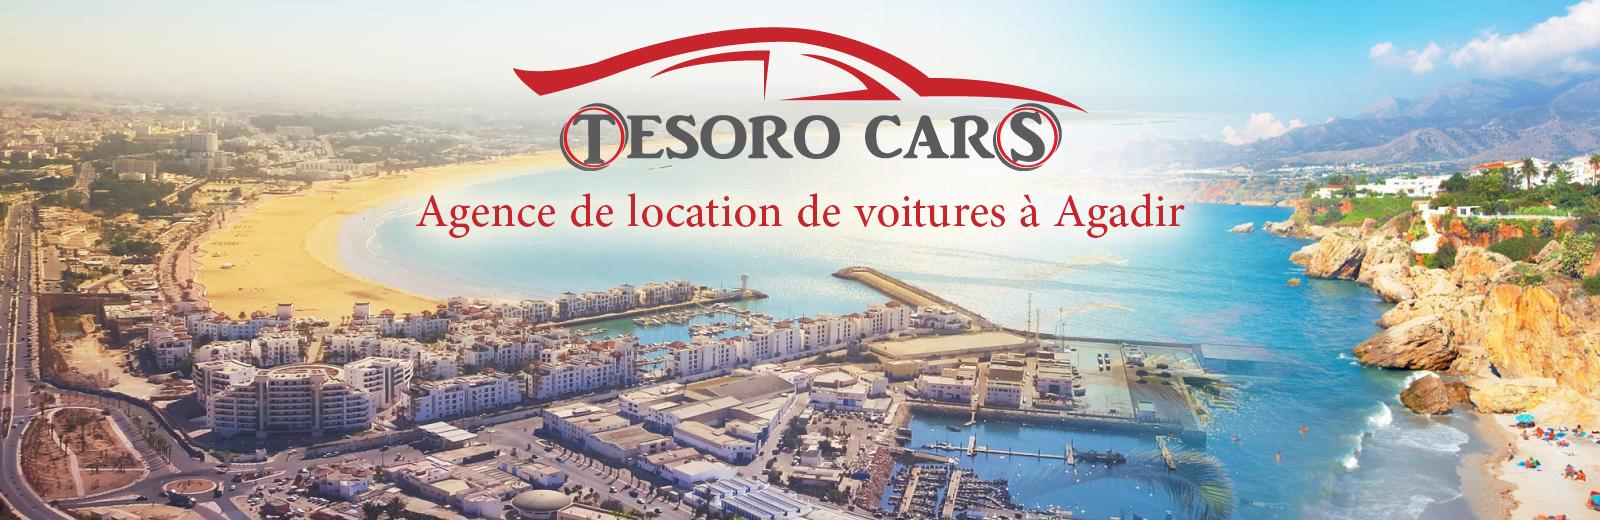 agence de location de voitures à agadir